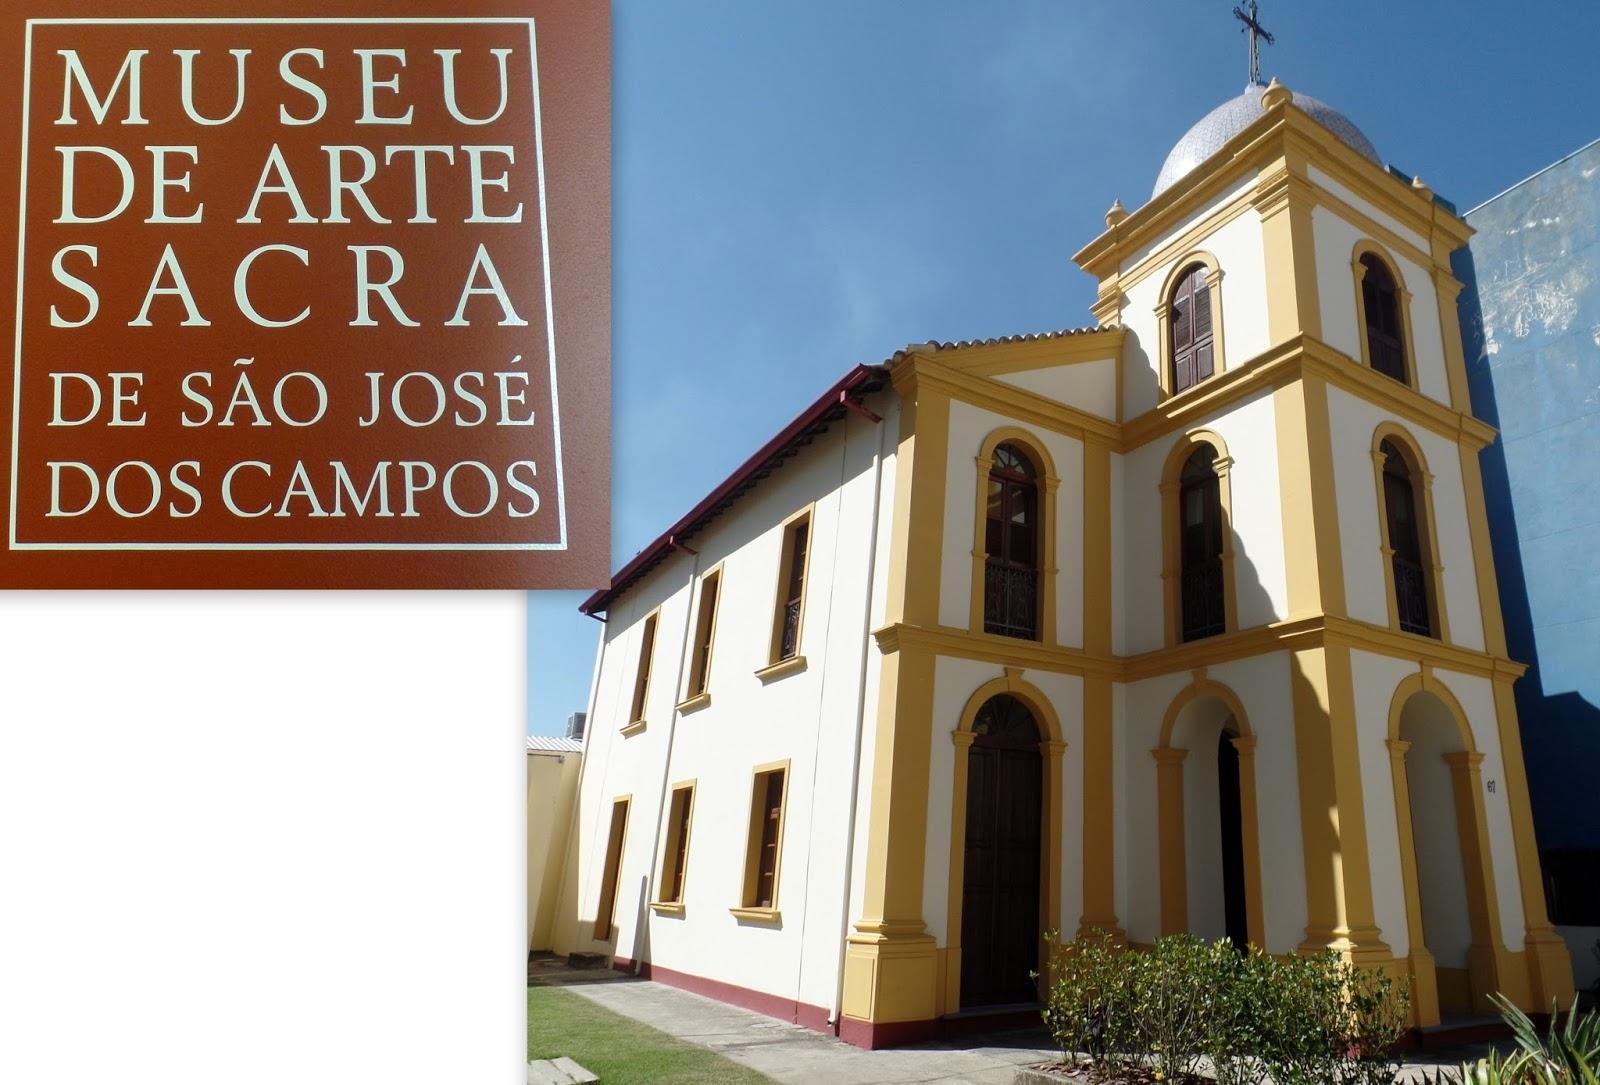 Virginia Costa: Museu de Arte Sacra de São José dos Campos #713B19 1600x1085